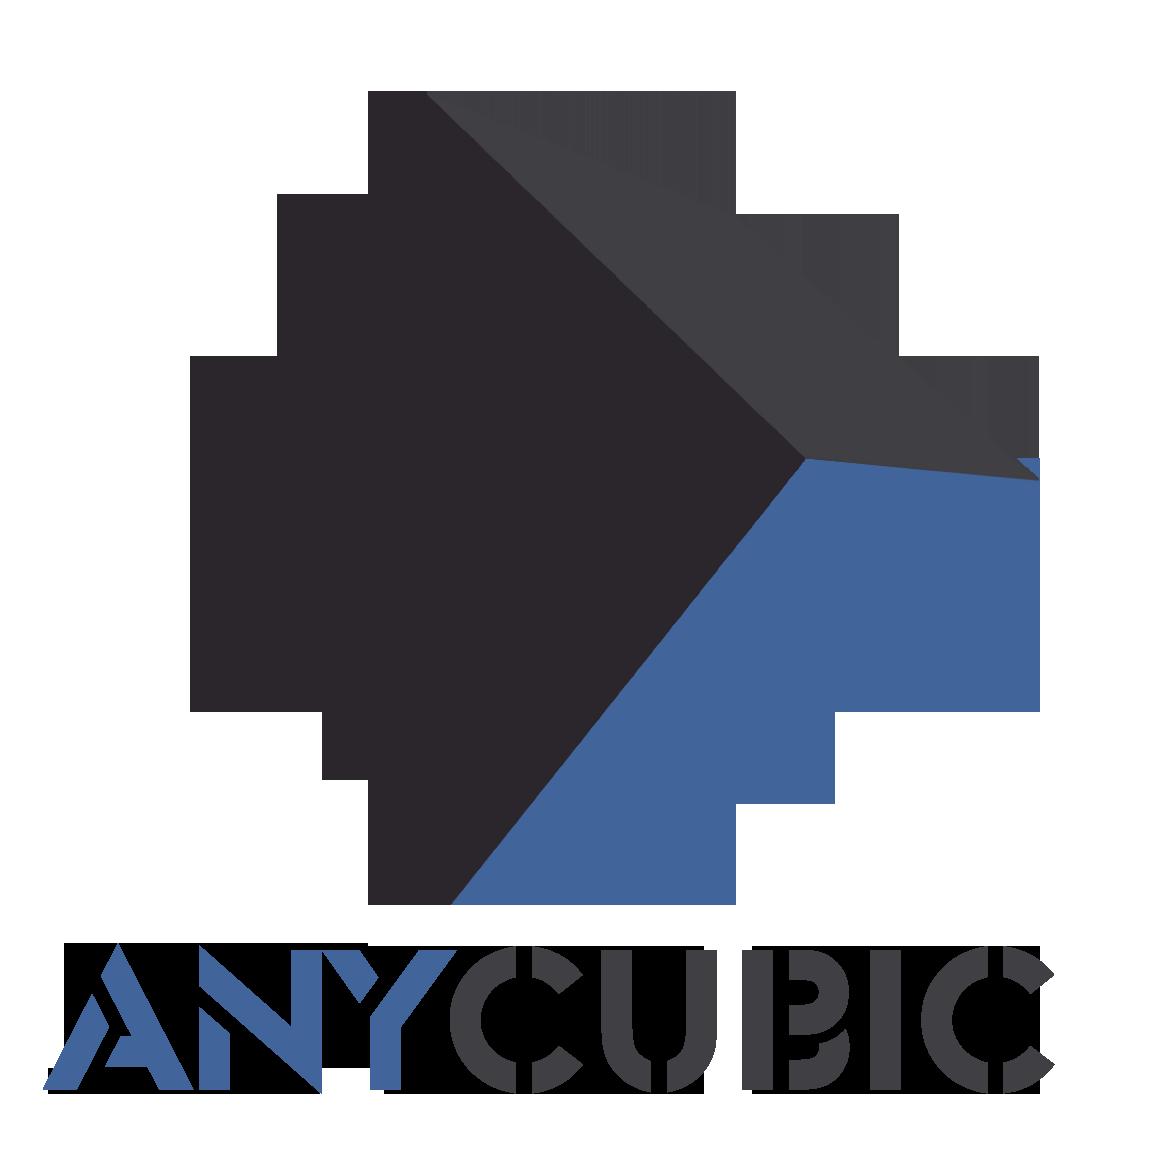 Bildergebnis für anycubic logo